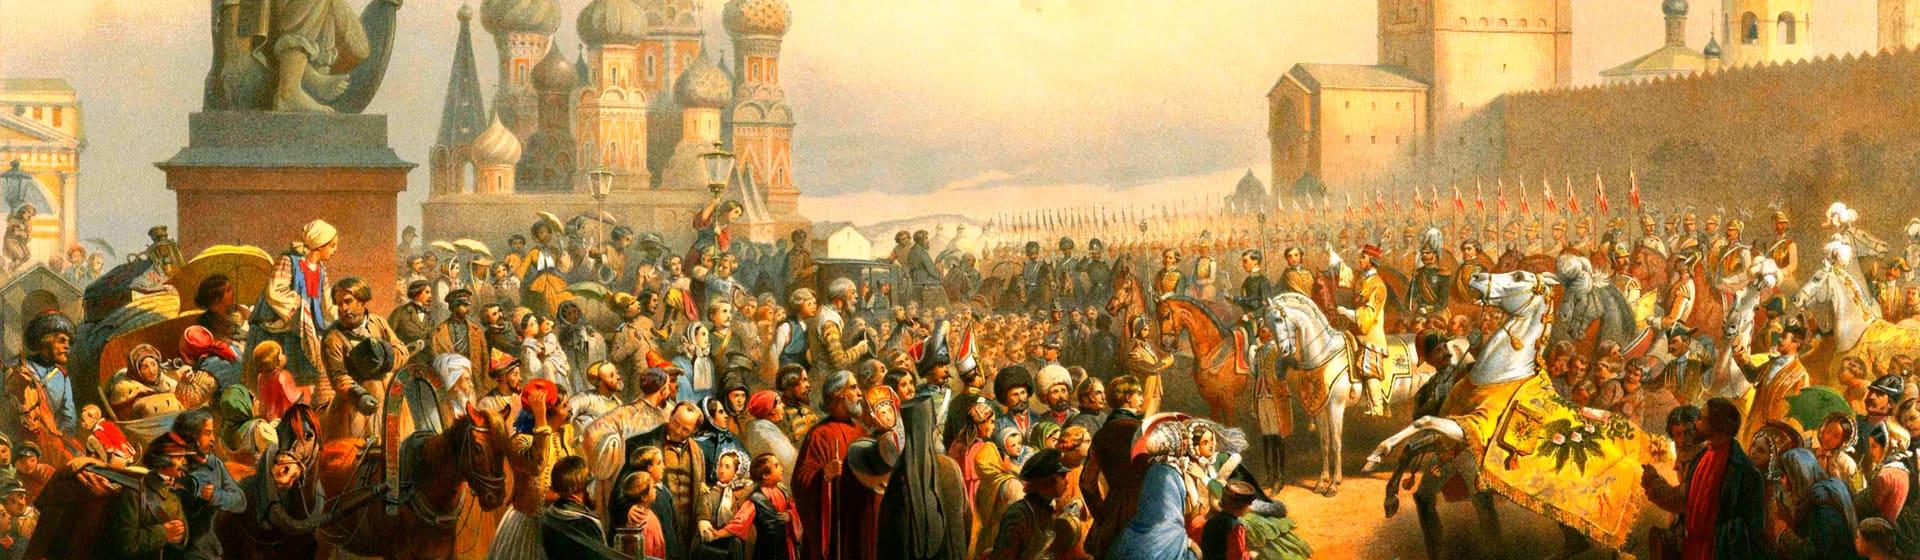 Российская империя - Мерч и одежда с атрибутикой